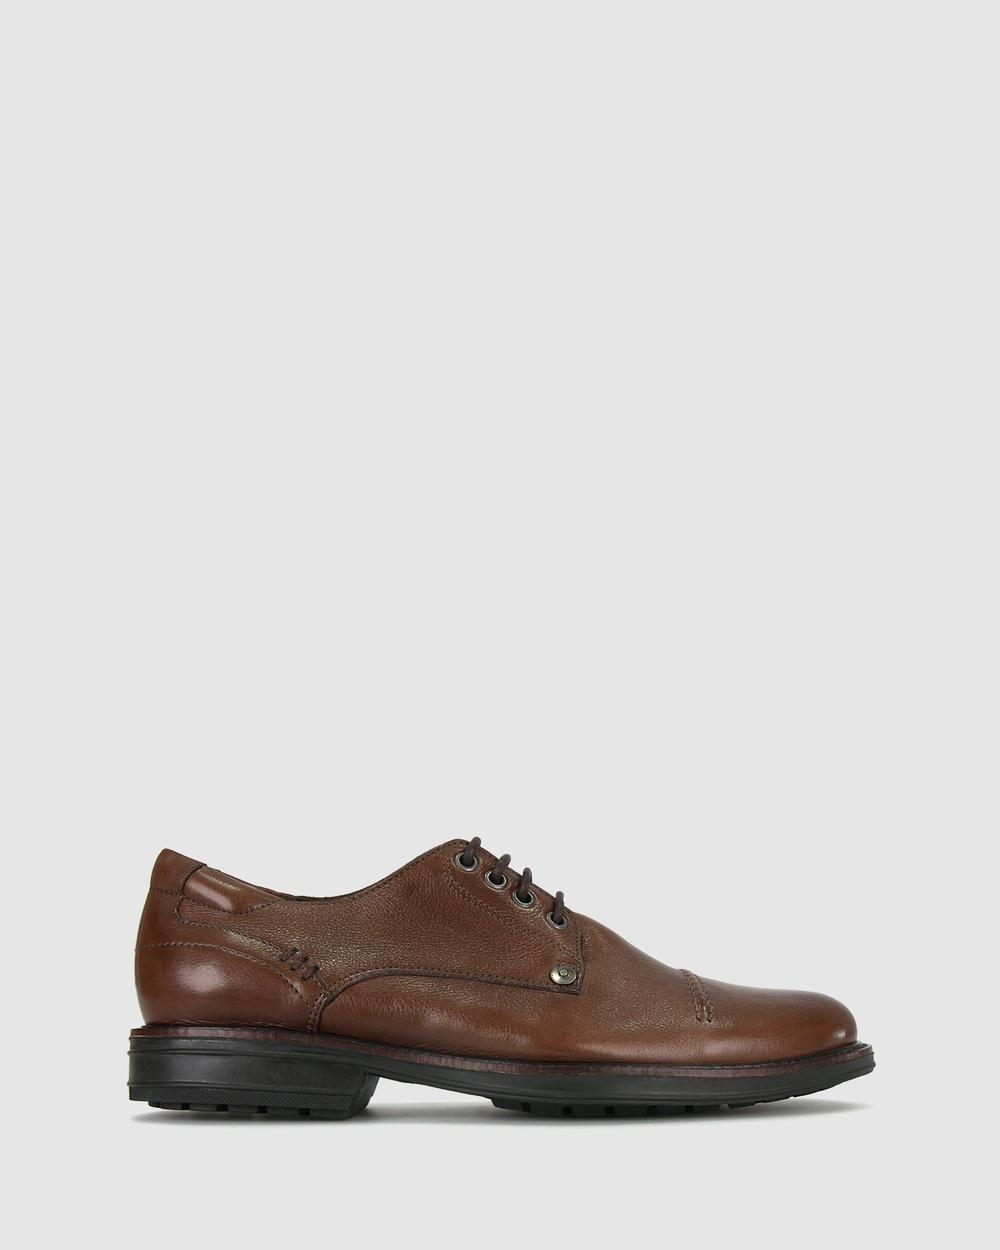 Airflex Owen Leather Shoes Casual Tan